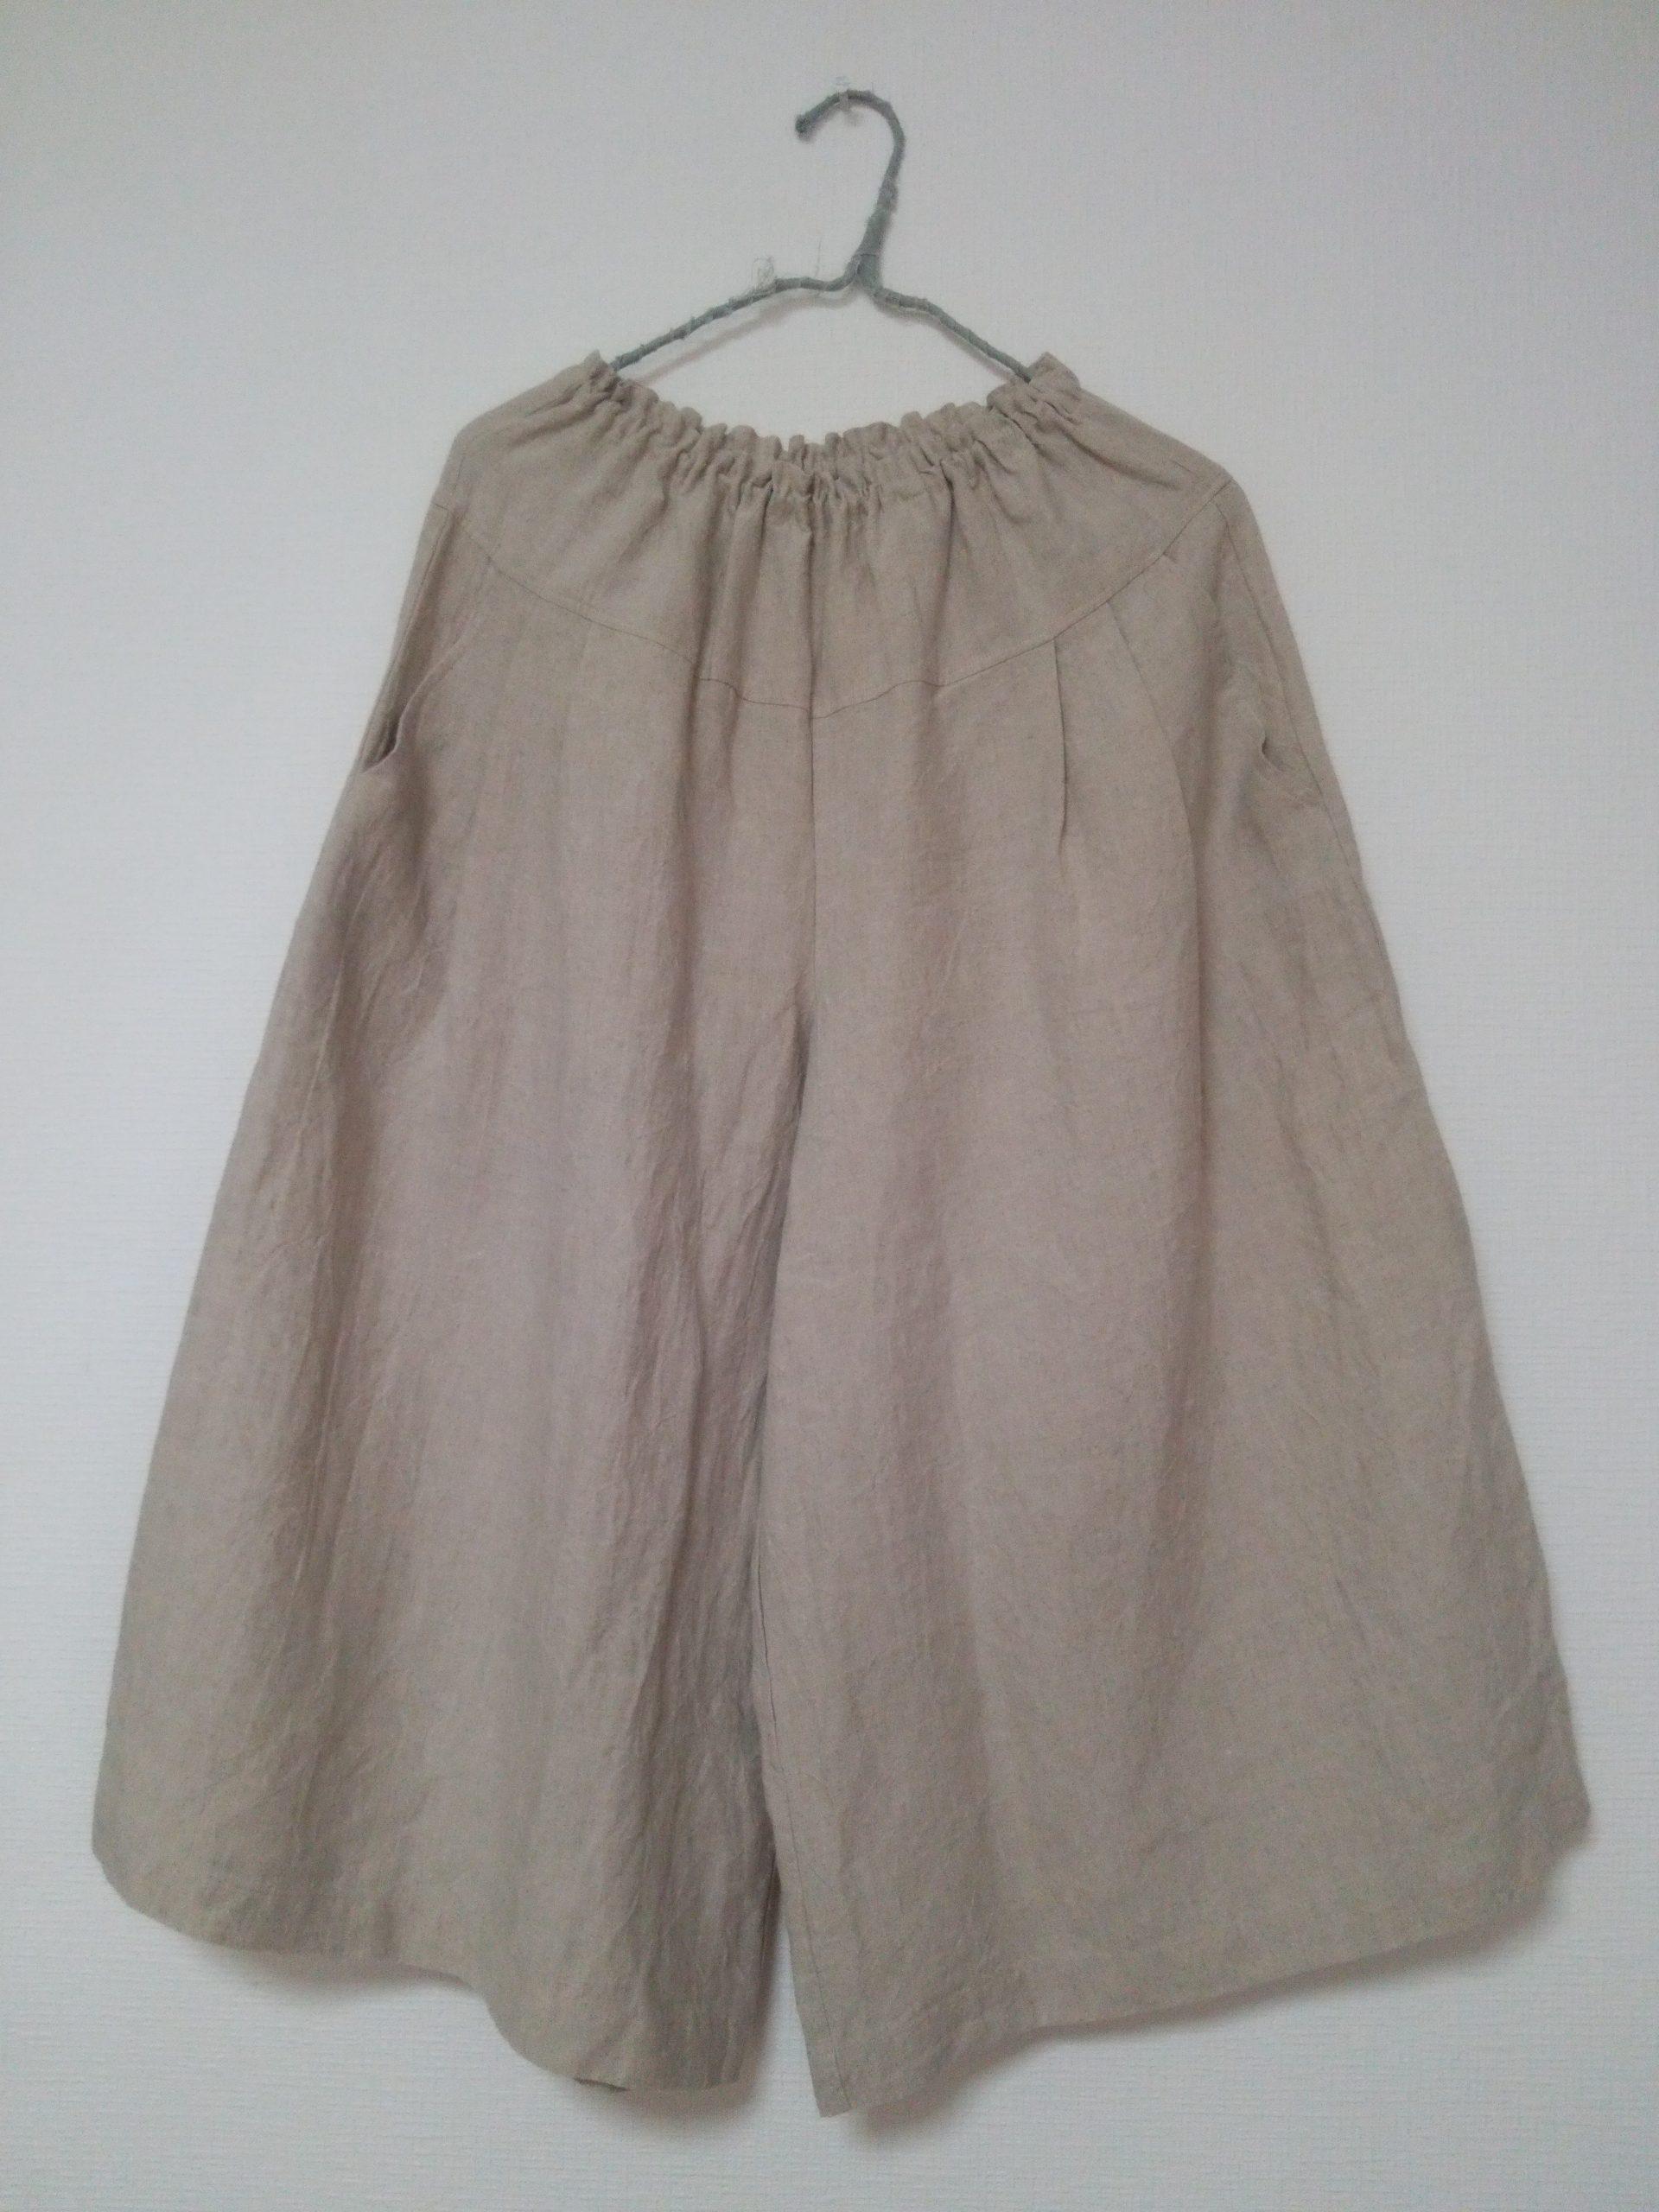 春のナチュラルリネン服 リネンのキュロットスカートキナリ先行販売いたします。